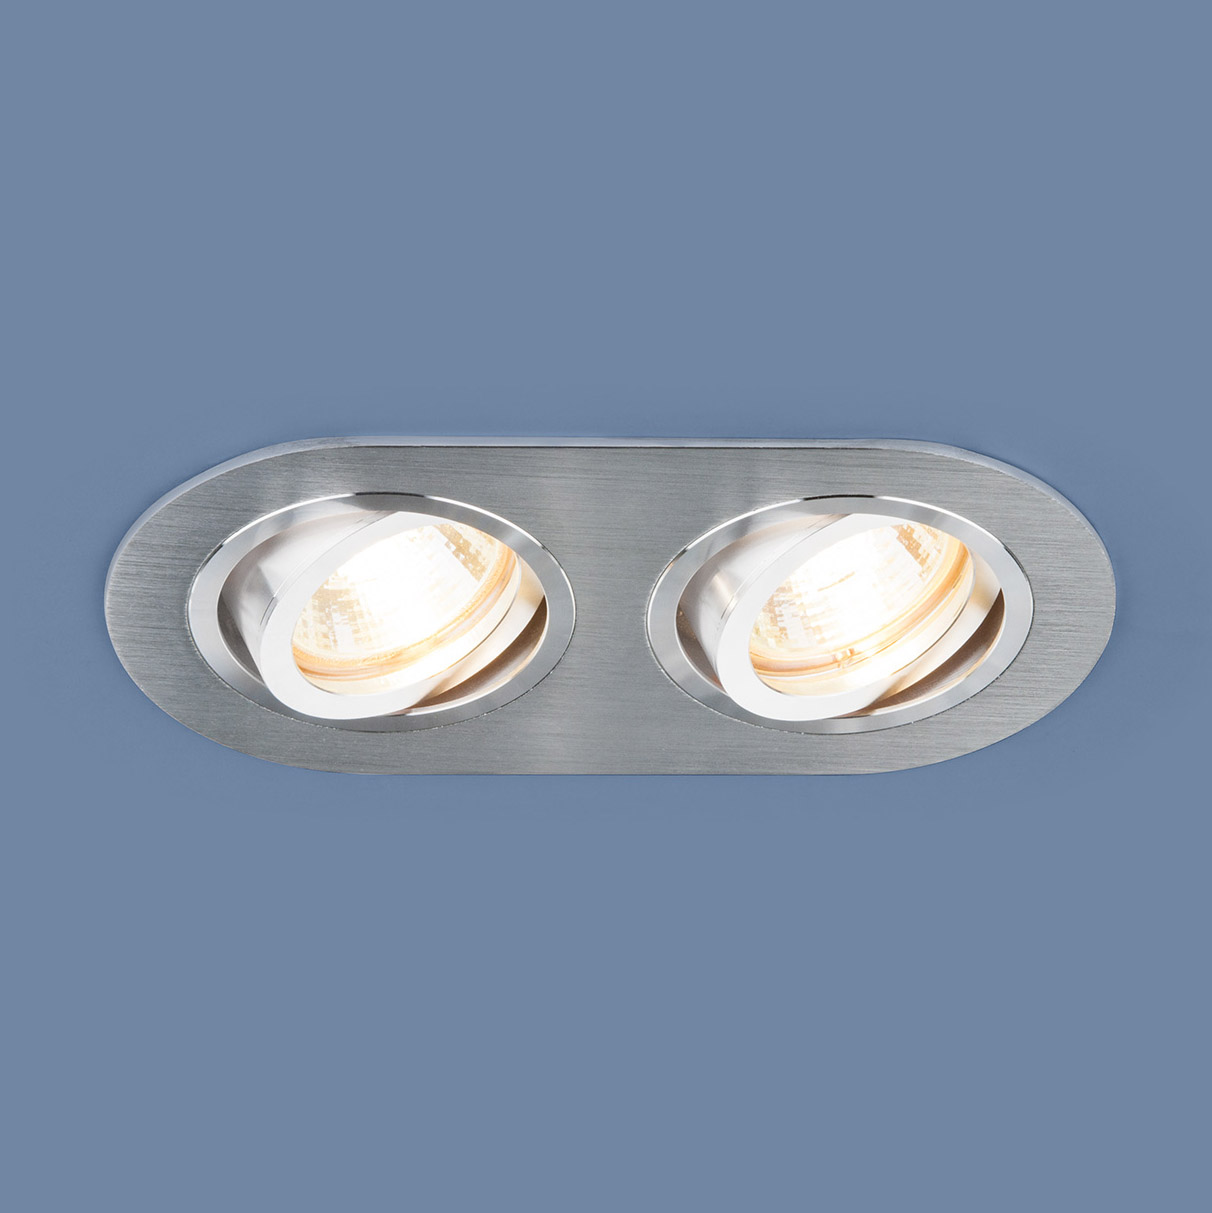 Встраиваемый светильник Elektrostandard, G5.3, 100 Вт встраиваемый светильник elektrostandard 1061 1 mr16 sl серебро 4690389095498